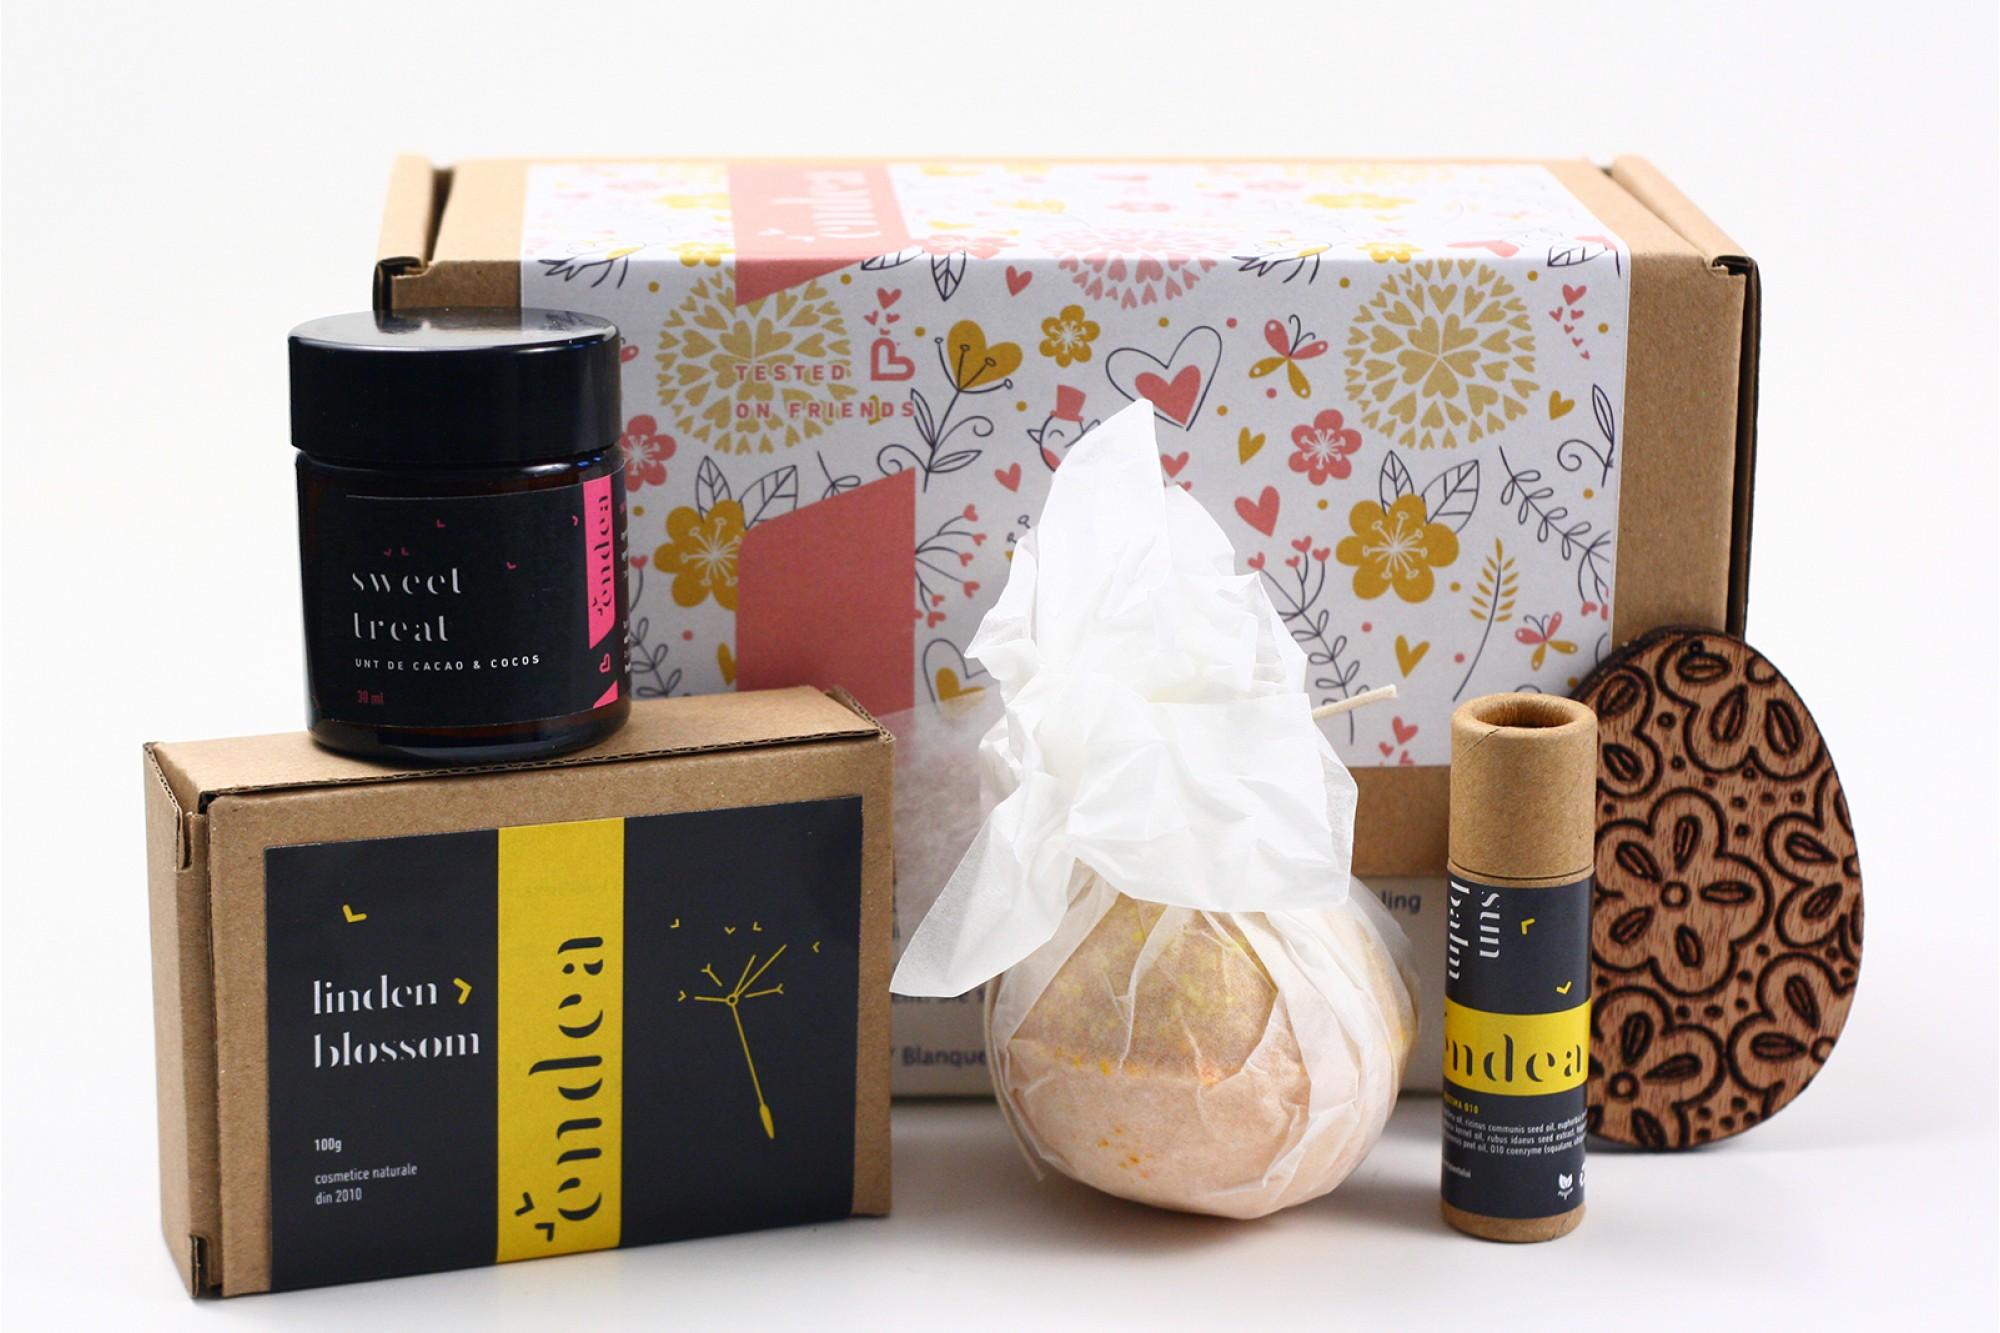 Pachet cadou cu produse naturale pentru sărbători (Citrus Fresh, Sweet Treat, Lollipop, săpun de sezon)